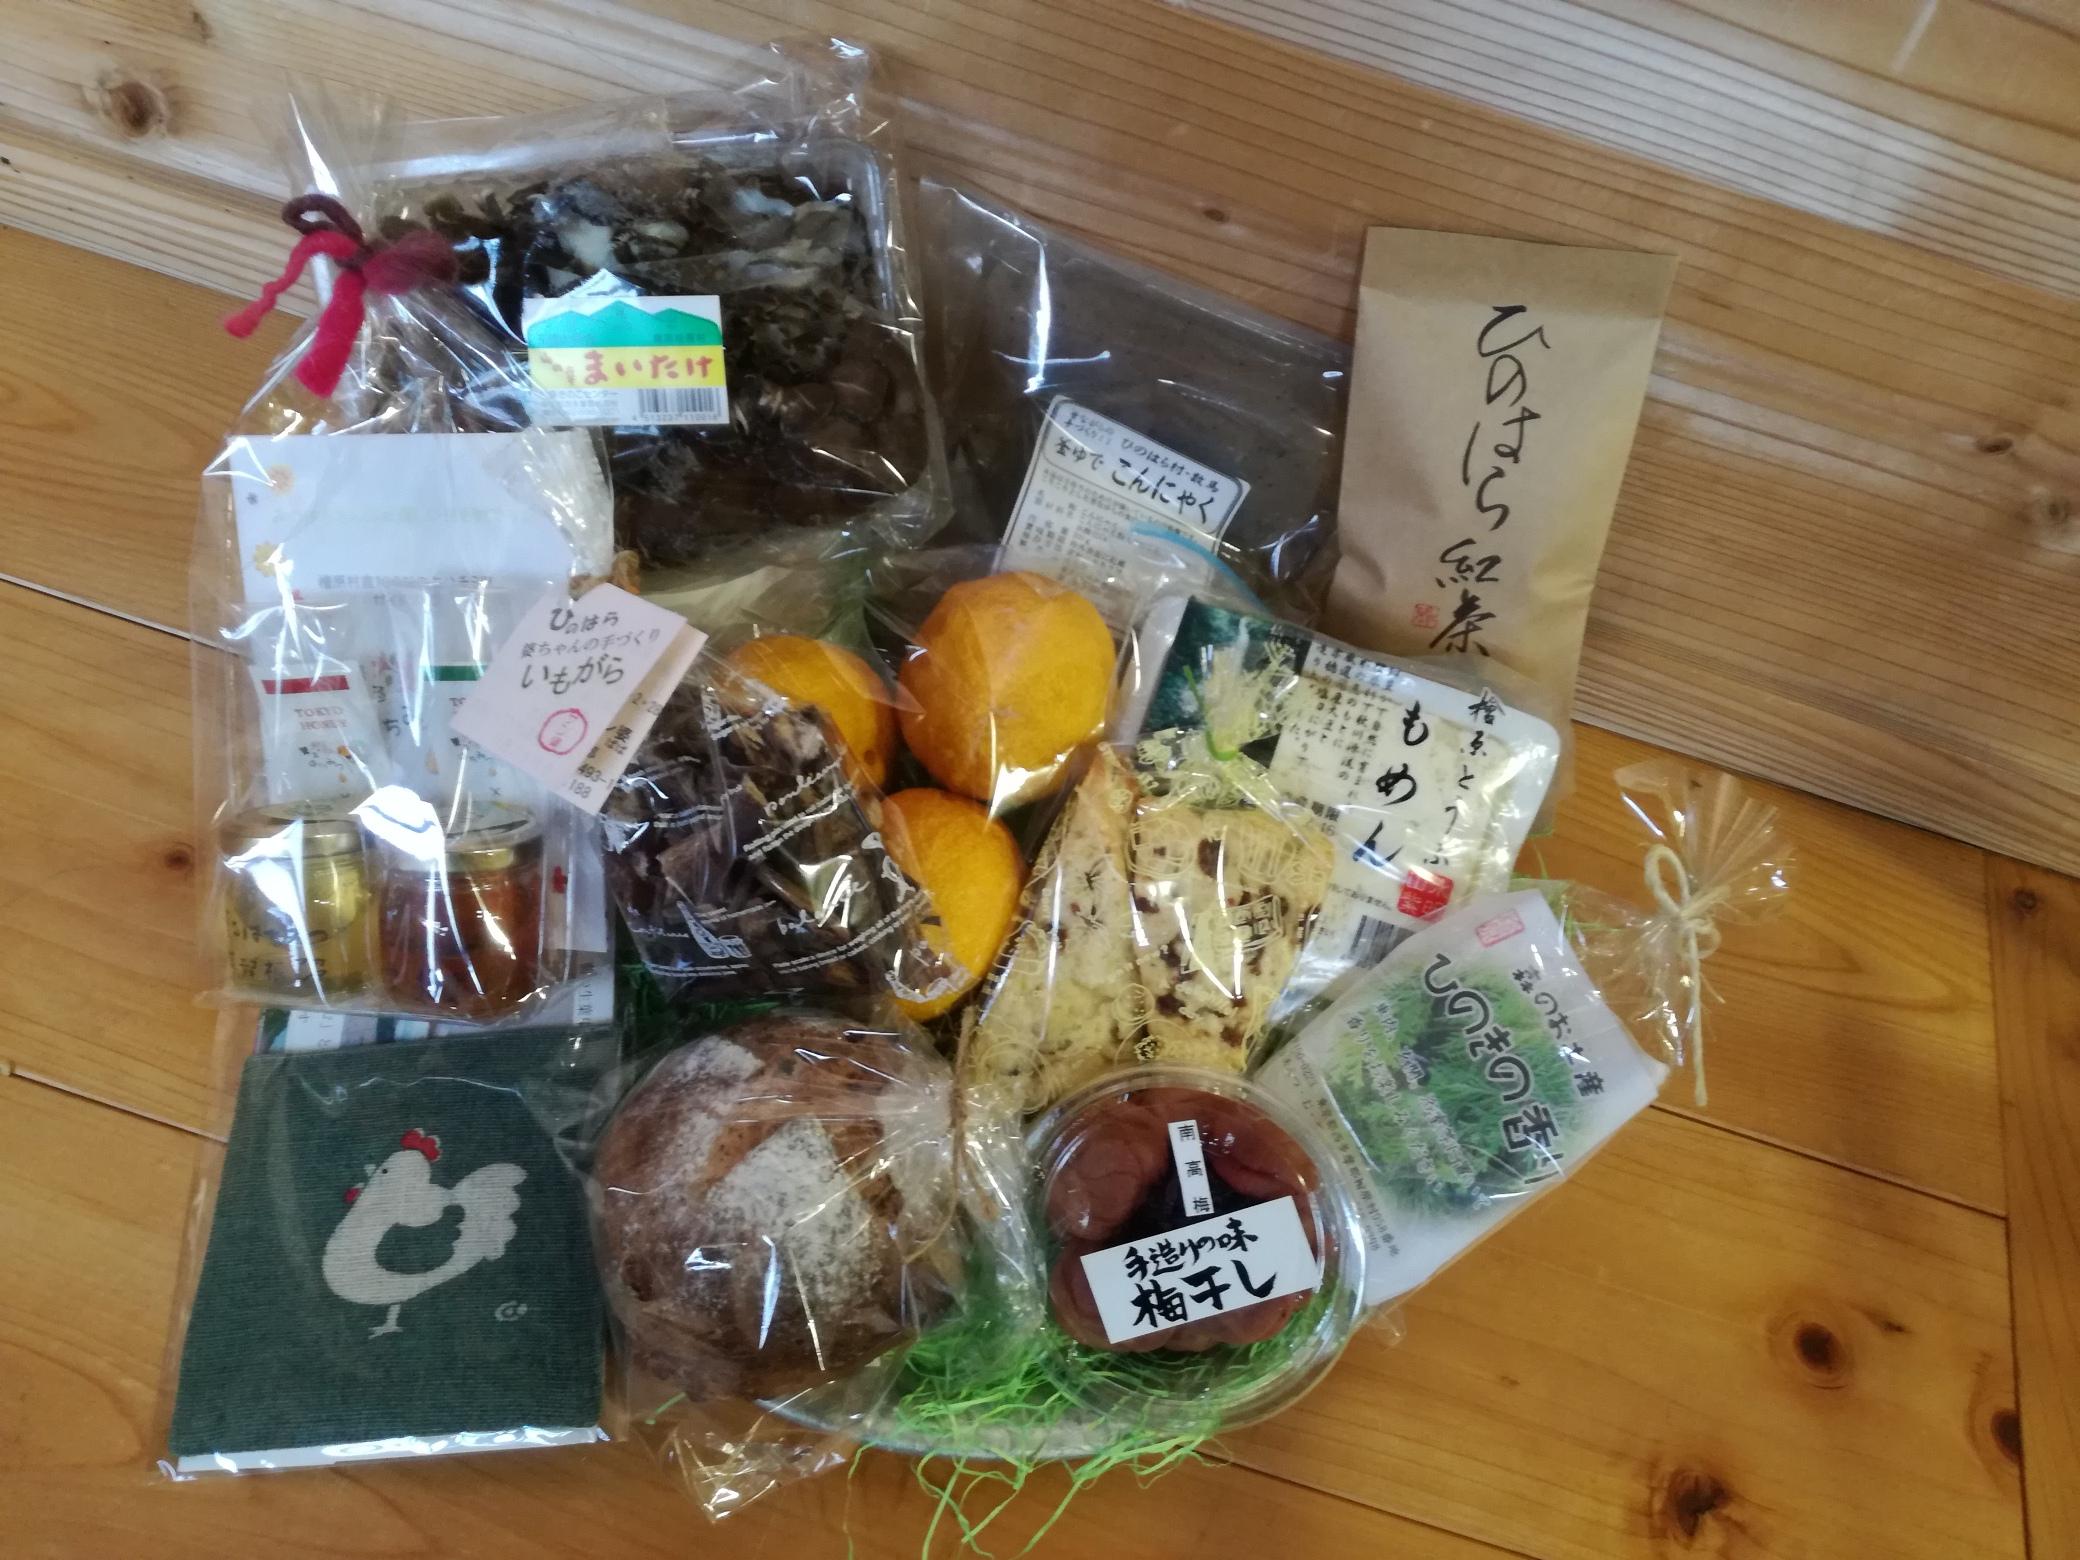 檜原村ふるさと小包(3,000円相当)+「数馬の湯」無料招待券(3枚)